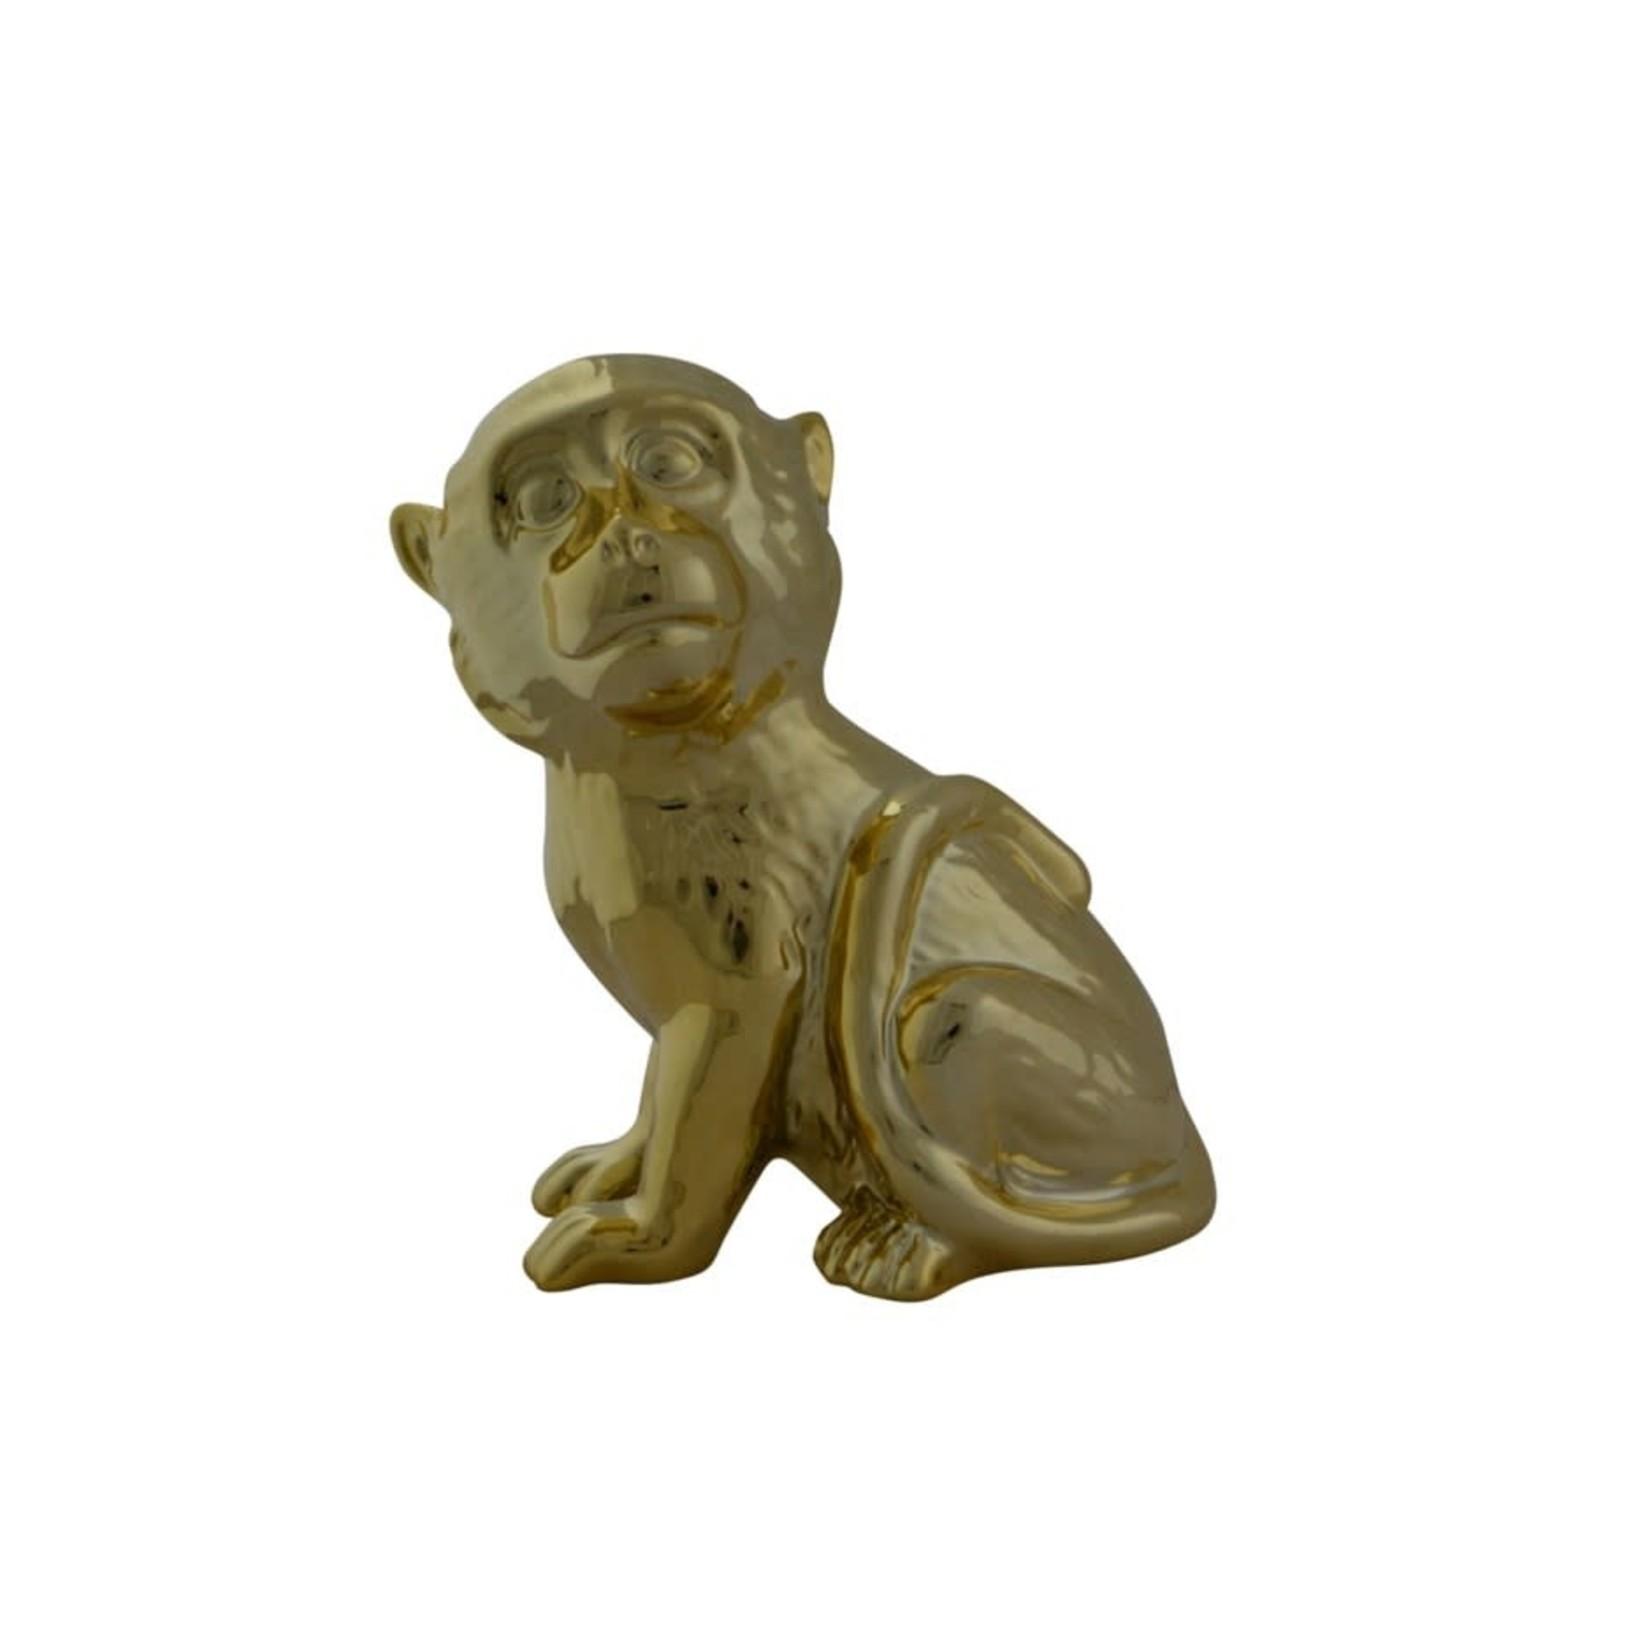 Monkey Bank - Gold